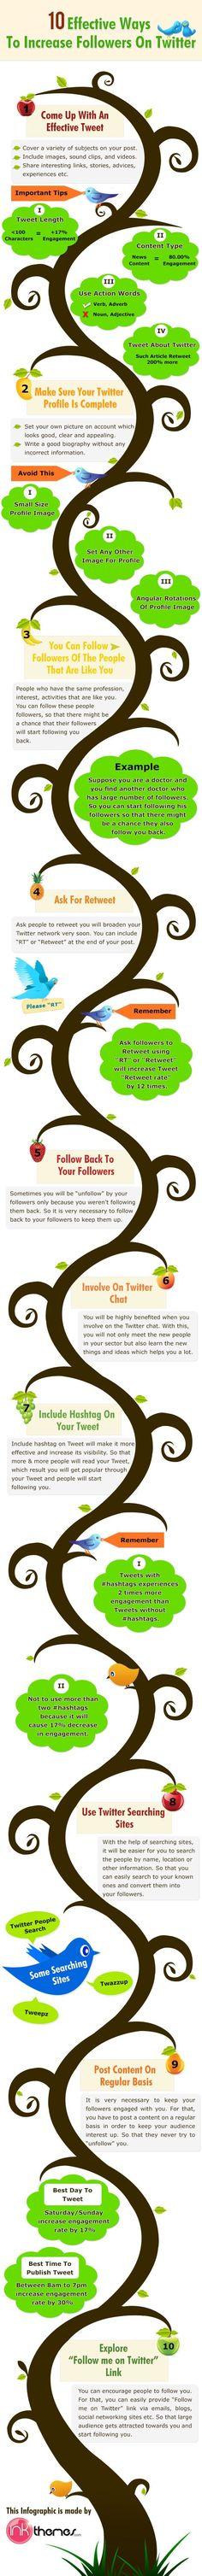 Meer volgers op #Twitter krijgen? 10 tips om dat voor elkaar te krijgen! - #infographic #socialmedia